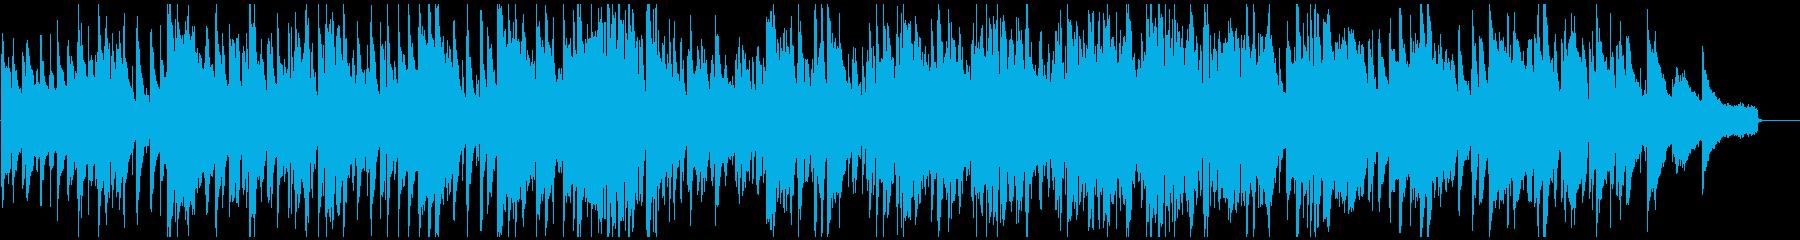 スパイ映画的なハードボイルド・ジャズの再生済みの波形